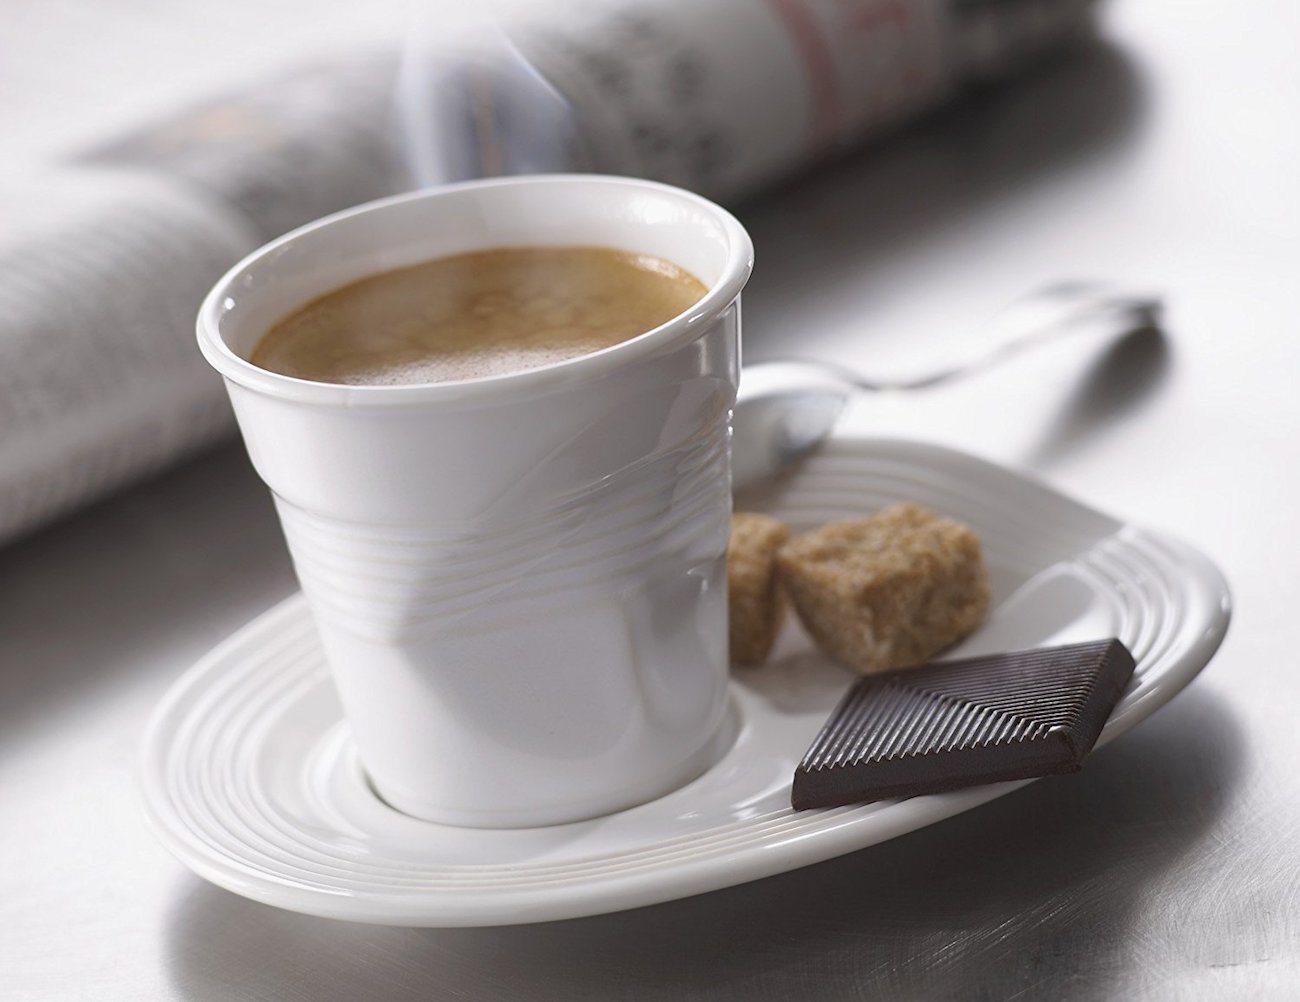 Revol Froisses Espresso Crumpled Tumbler